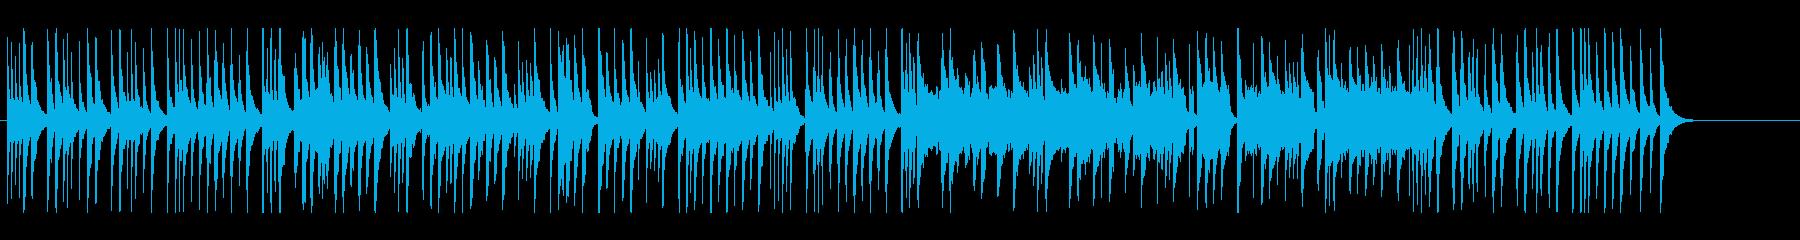 お正月にマッチする琴・尺八の和風BGMの再生済みの波形